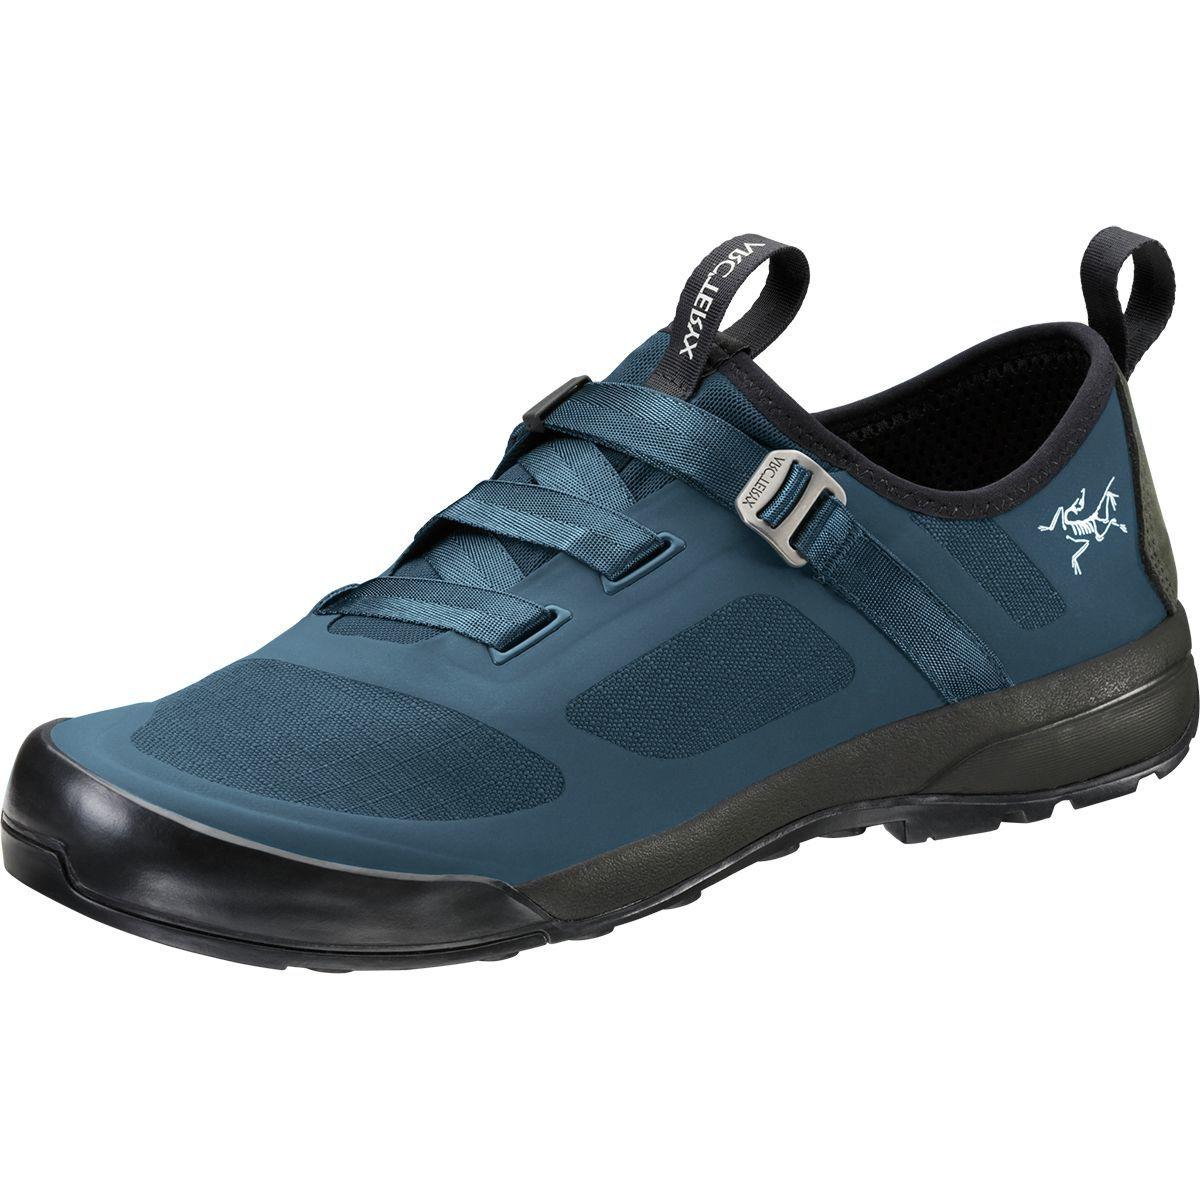 Arc'teryx Arakys Approach Shoe - Men's